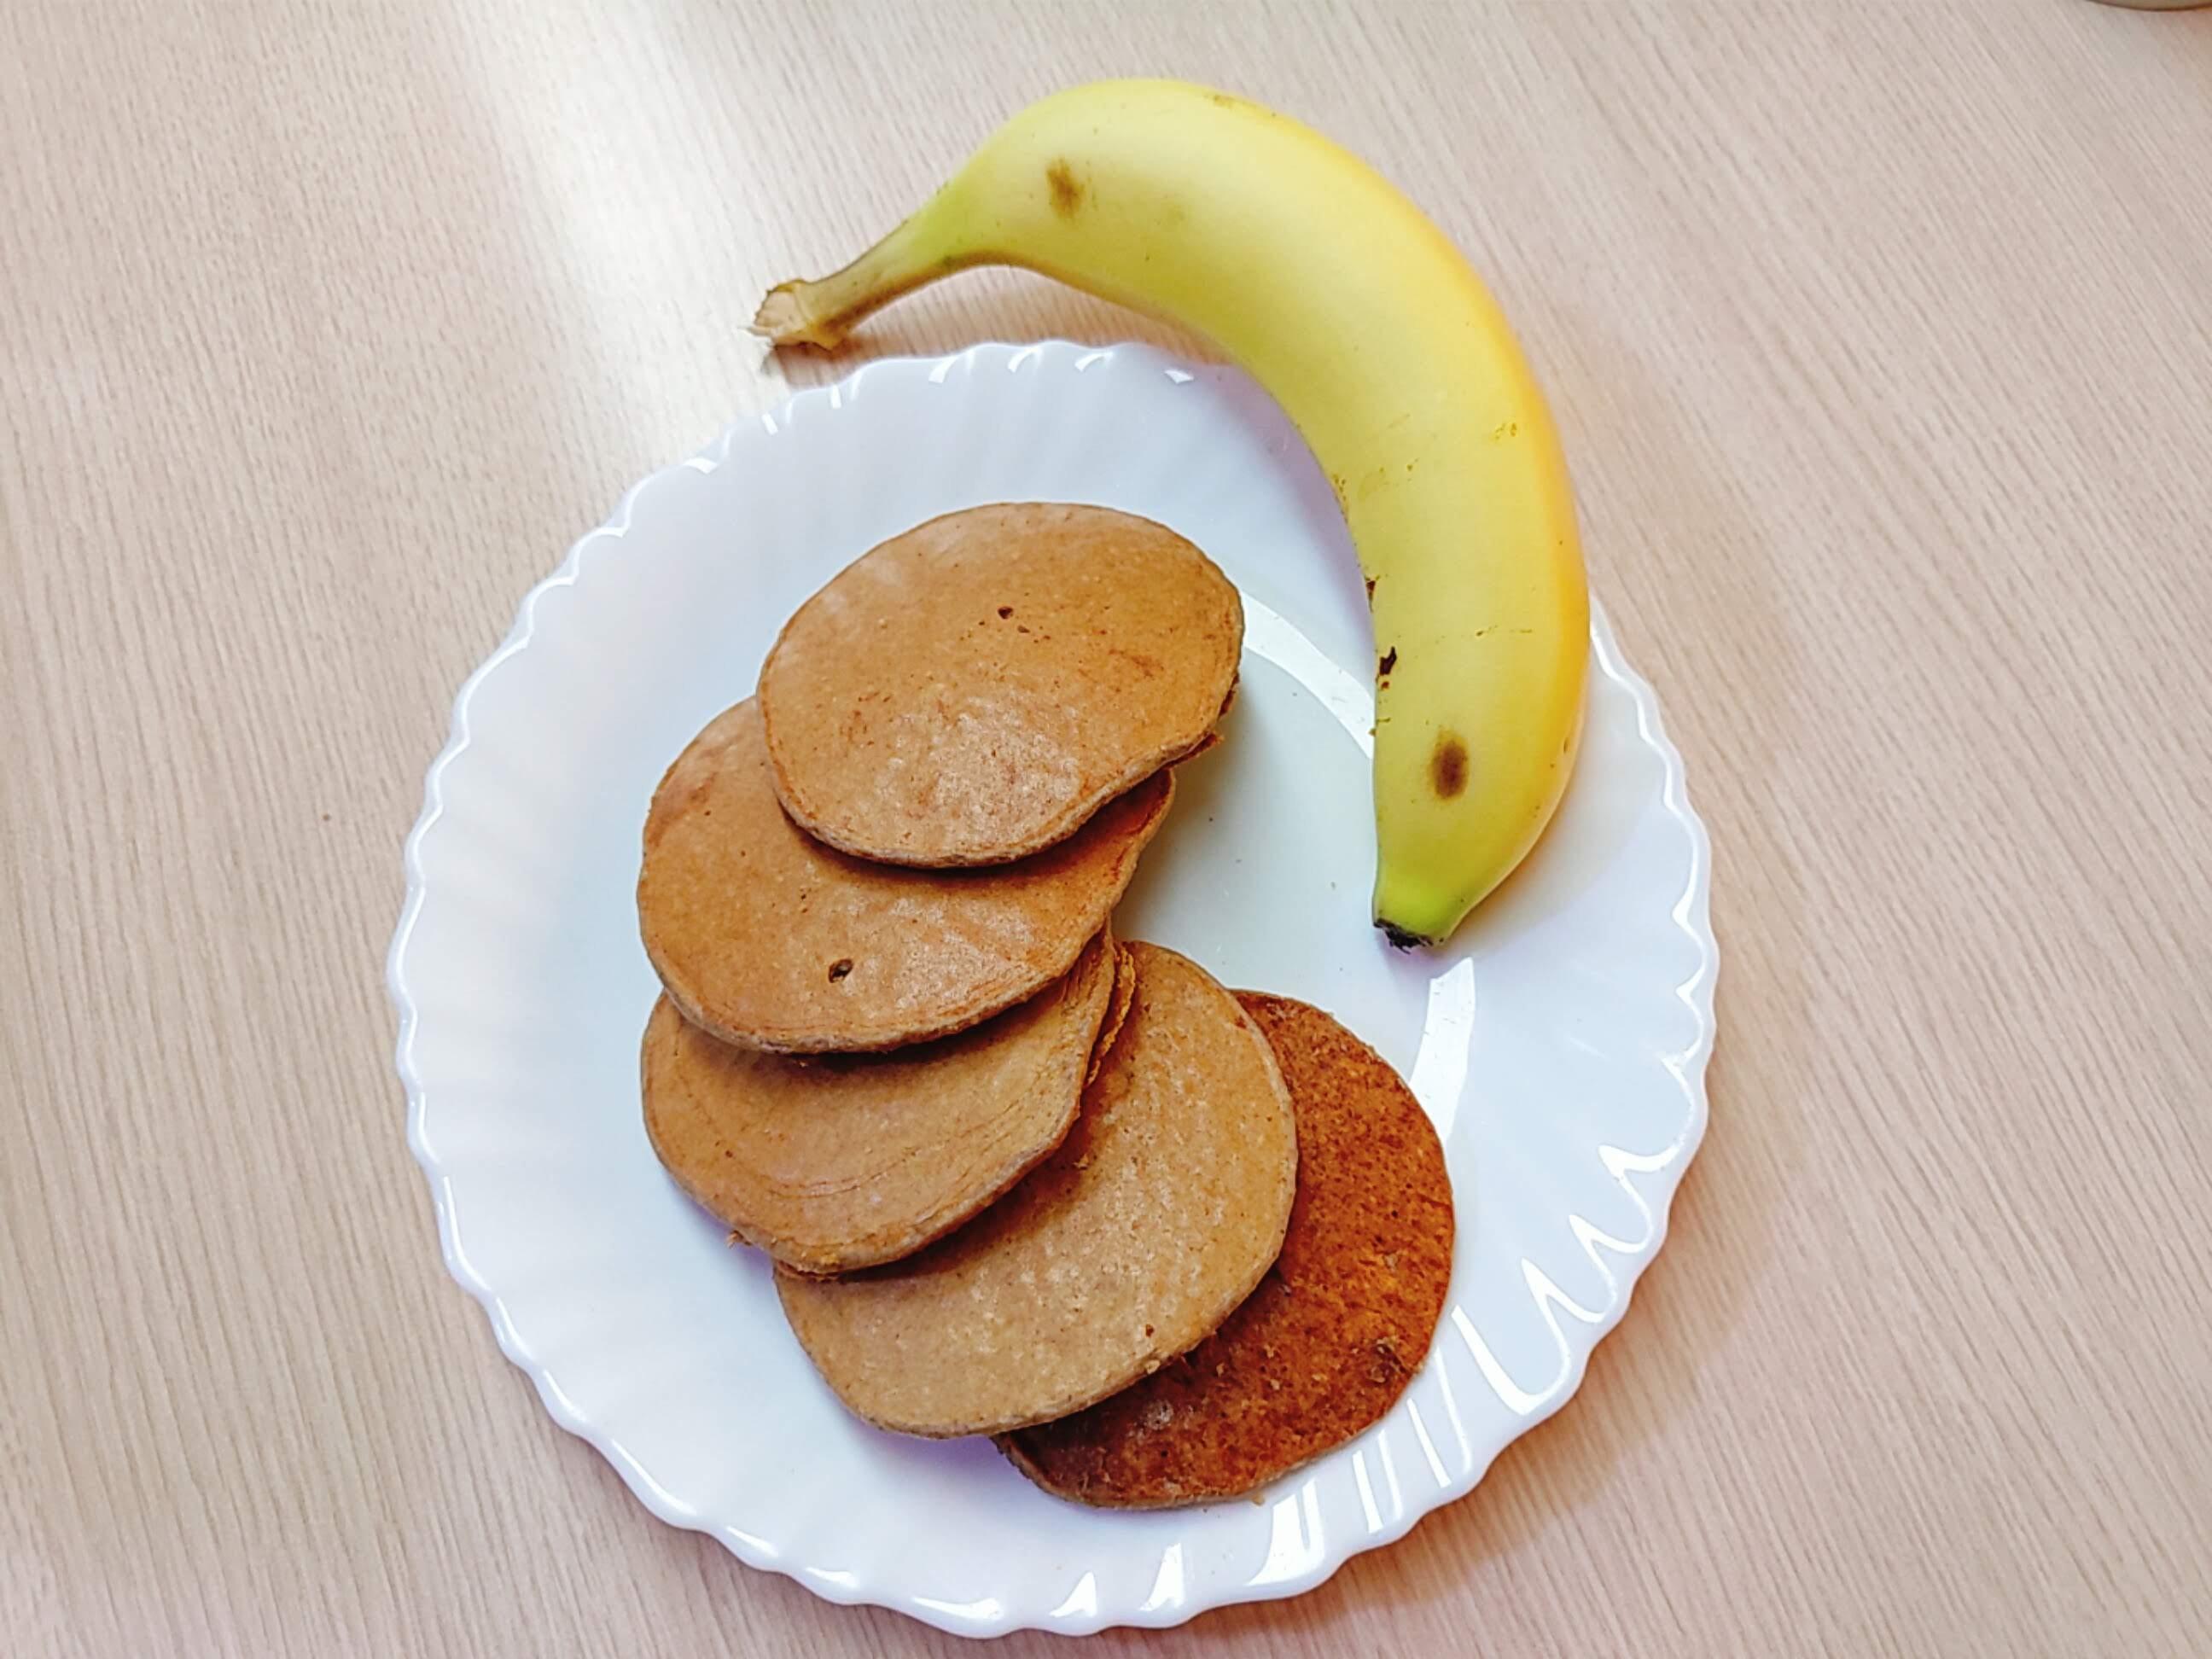 香蕉燕麥高蛋白鬆餅(可可風味)無油無麵粉